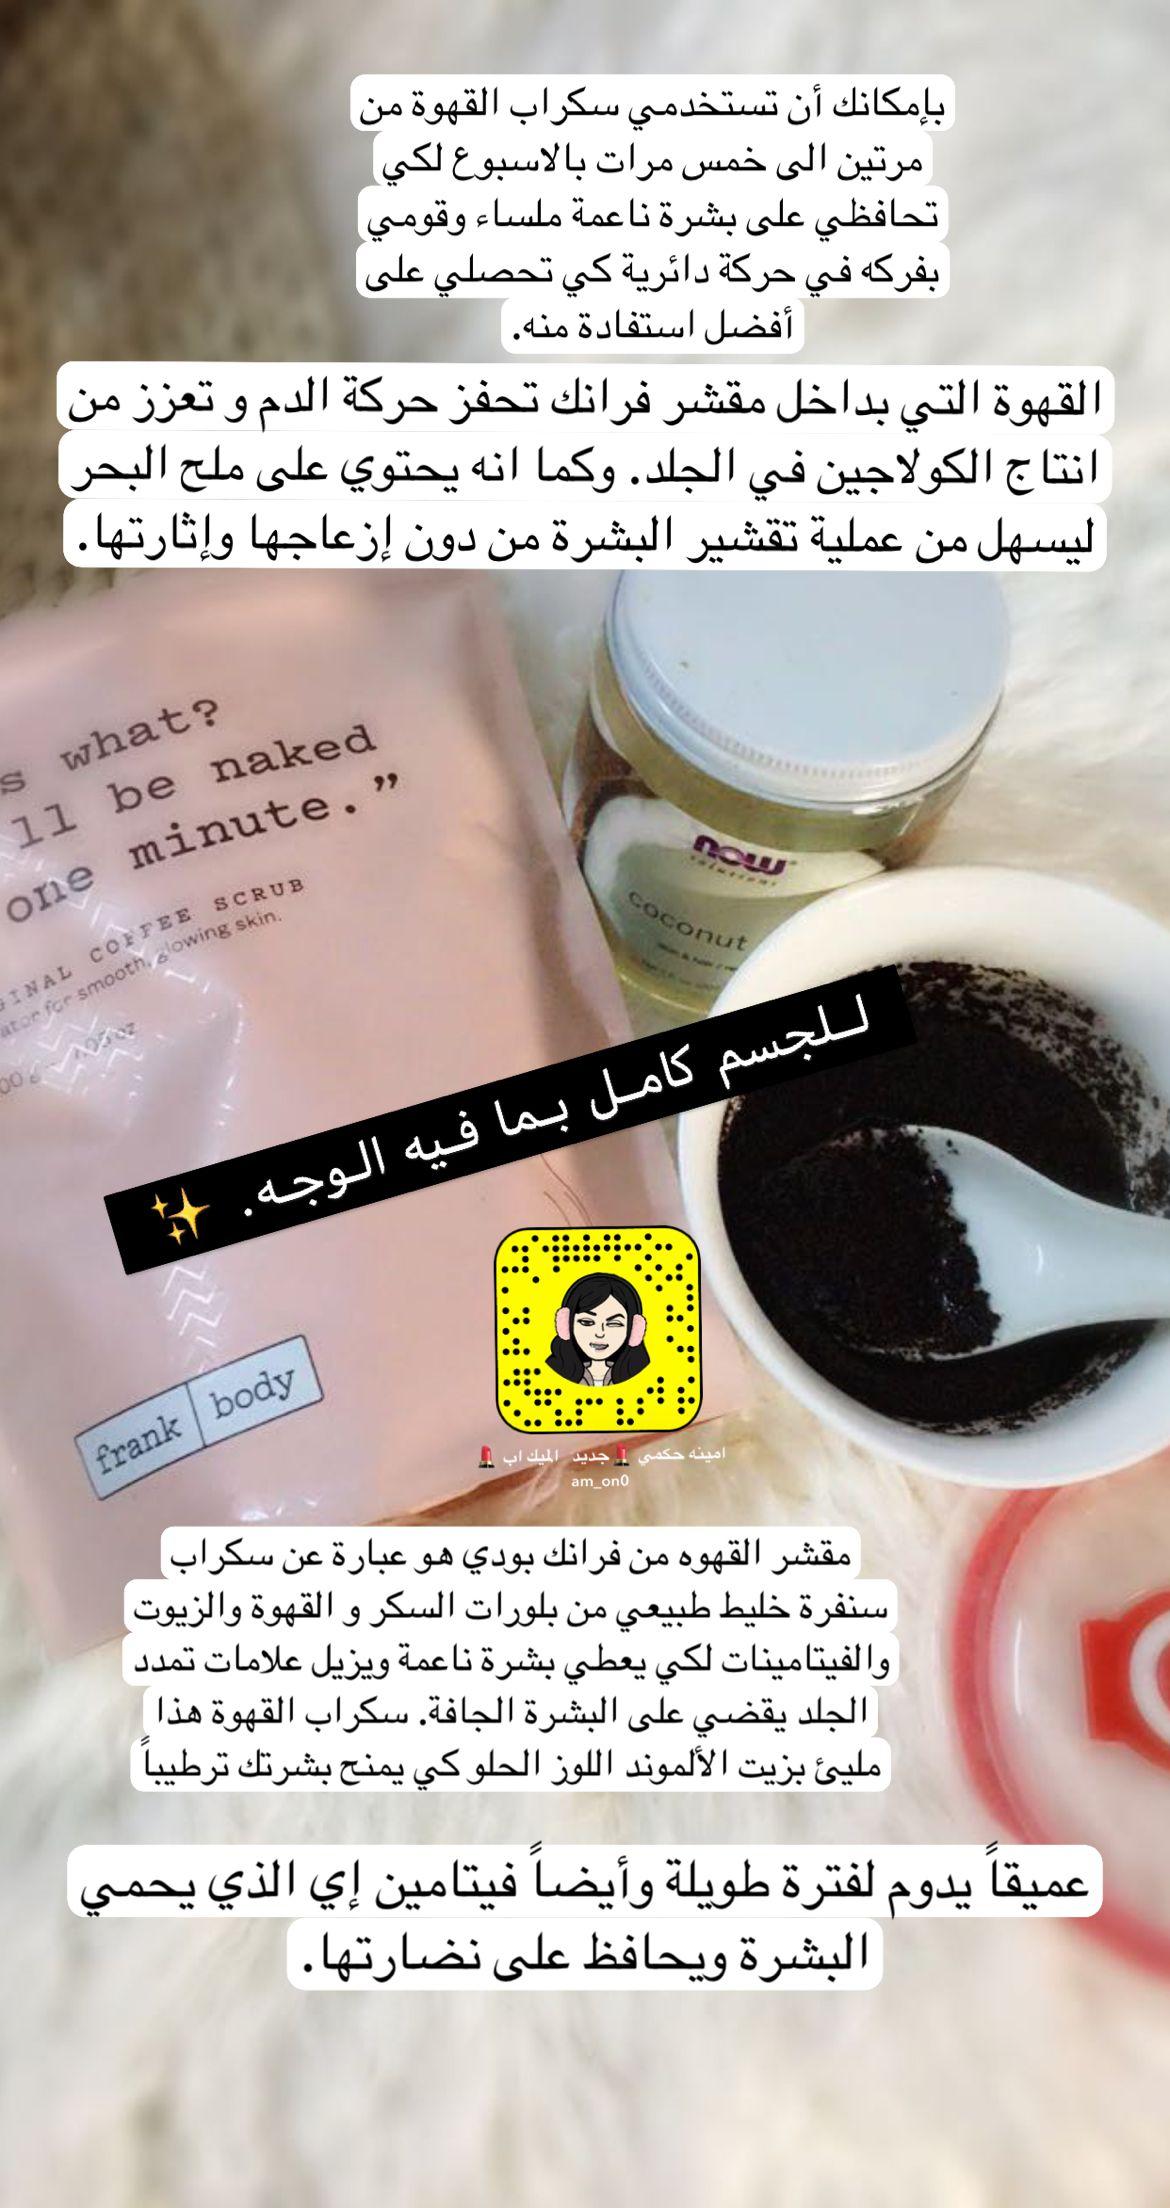 Pin By امينه حكمي Aminh On ومبيض للجسم واليدين والقدمين ترطيب تفتيح خلطات Body Coconut